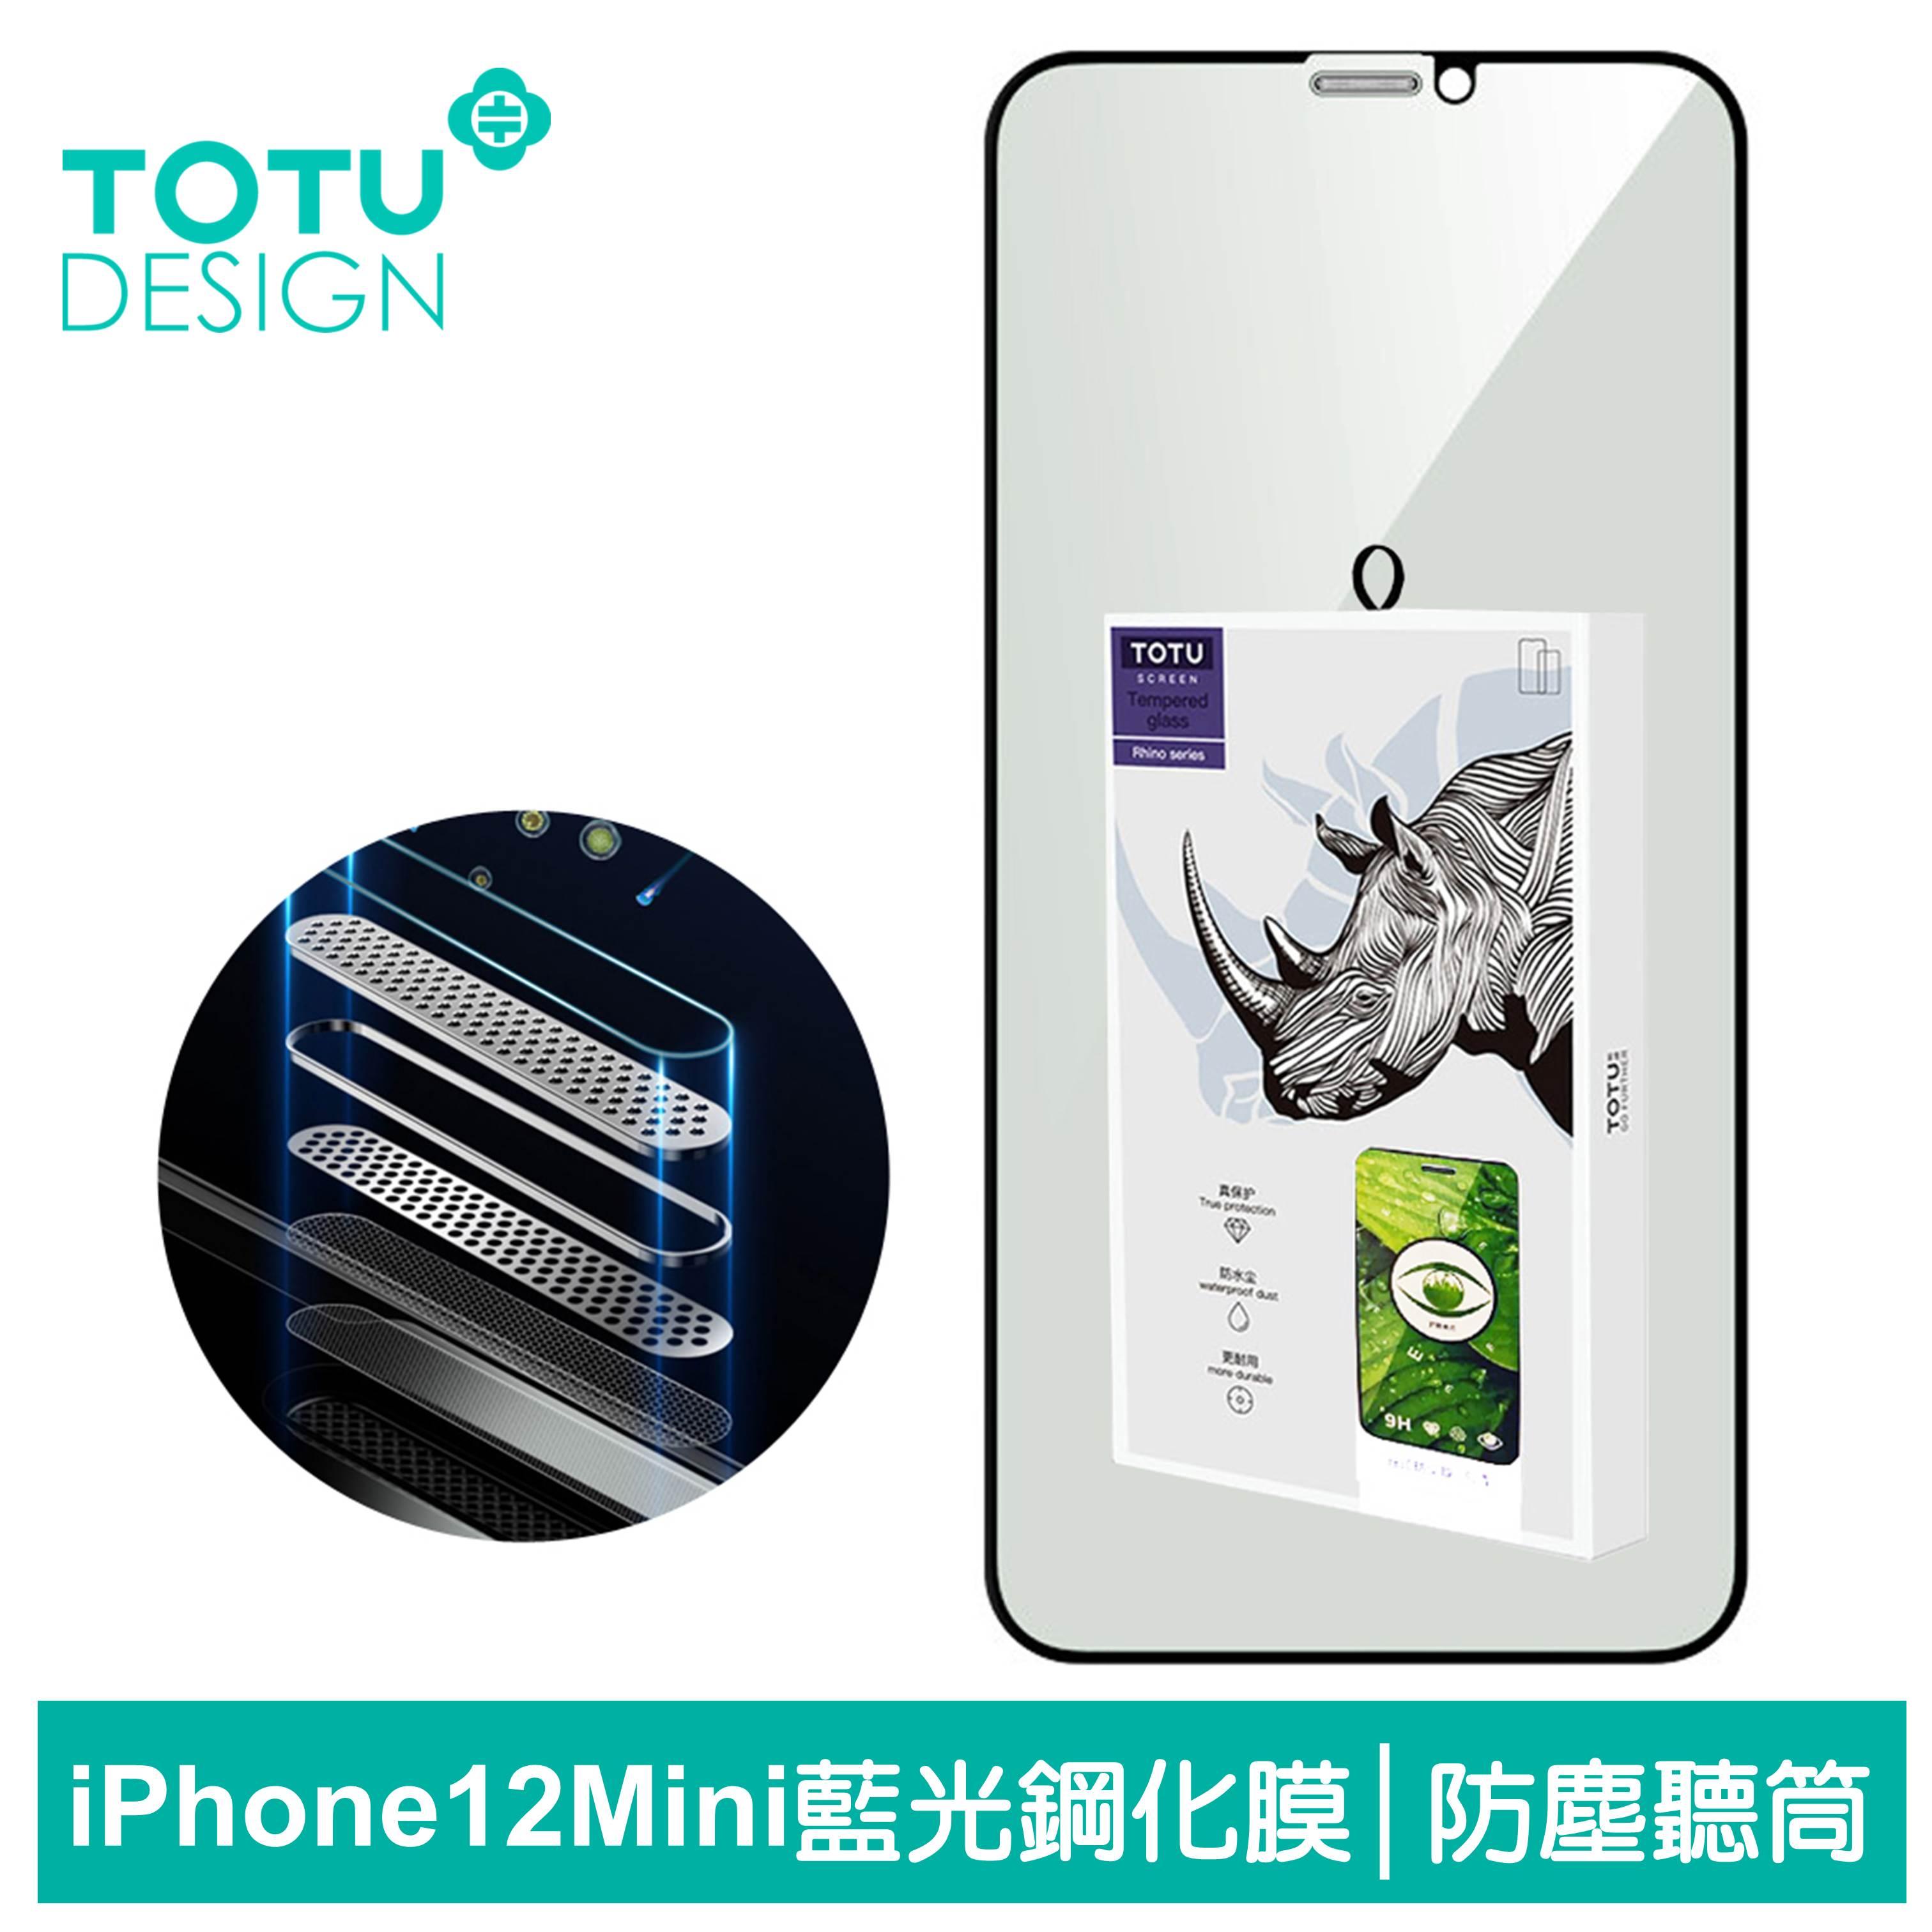 TOTU台灣官方 iPhone 12 Mini 鋼化膜 i12 Mini 保護貼 5.4吋 保護膜 濾藍光絲印防塵聽筒 犀牛家族